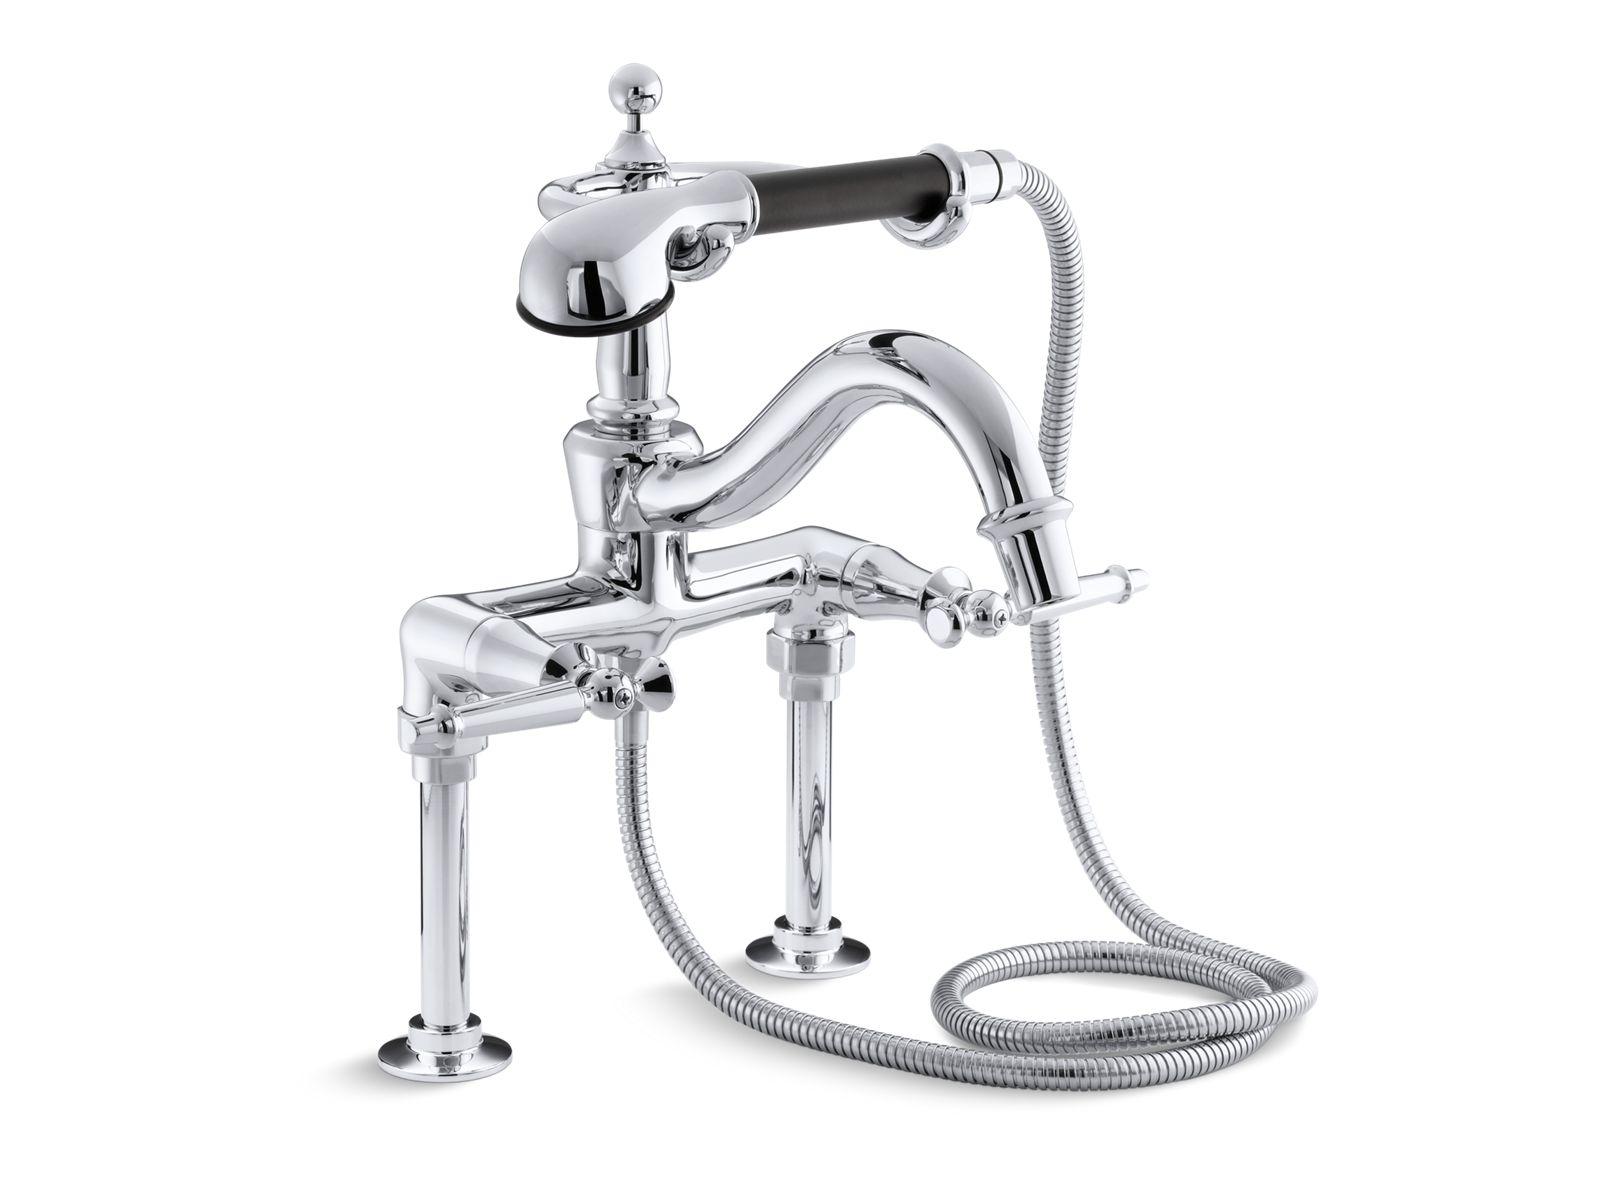 k 110 4 antique bath faucet with